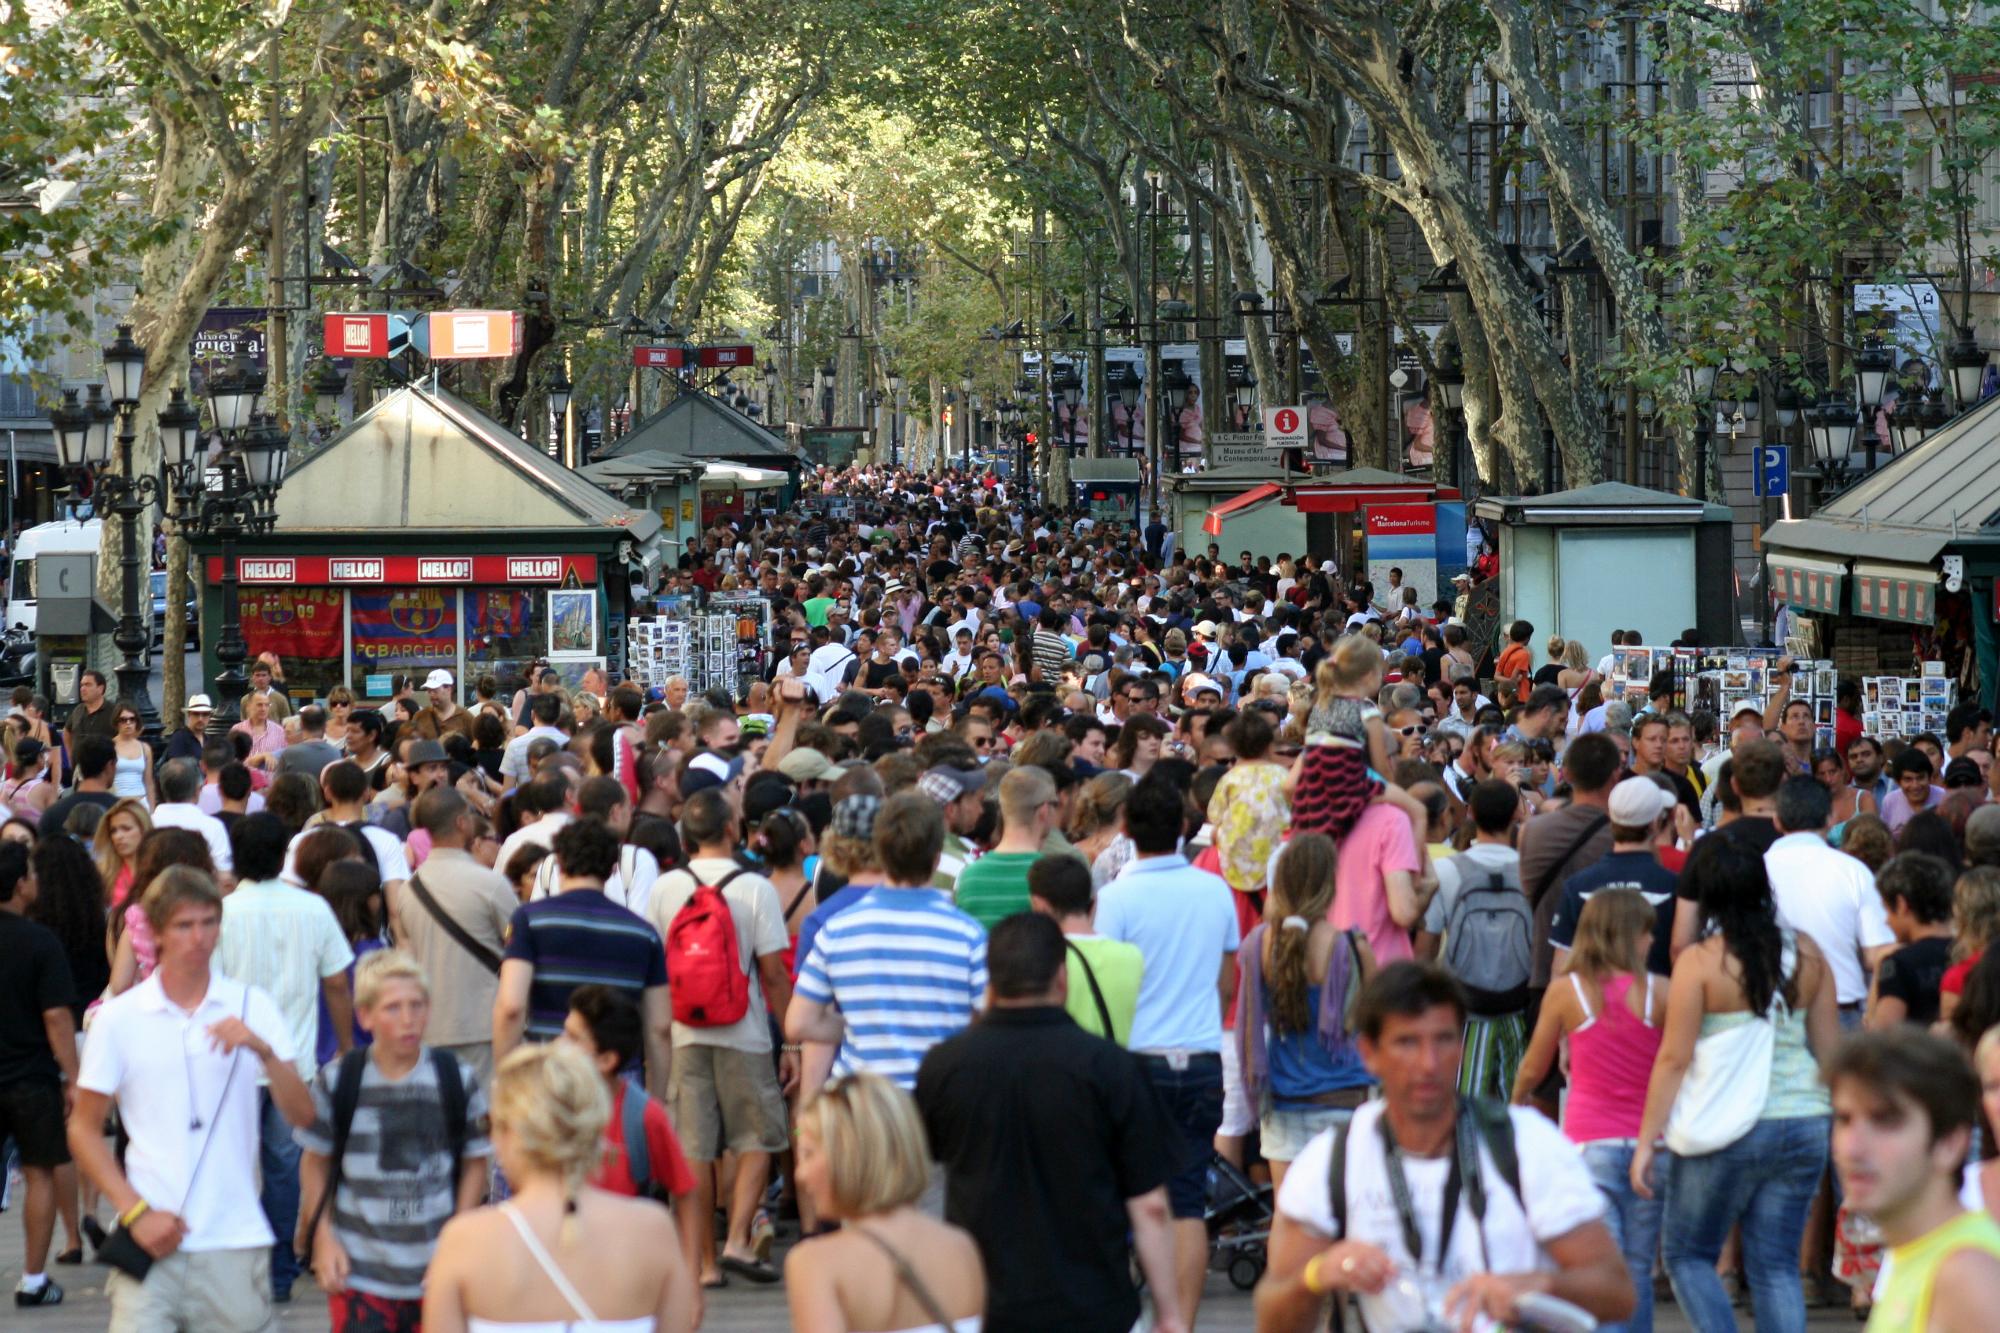 Kacper pobyt w Barcelonie wspomina jako traumę (fot: Shutterstock.com)